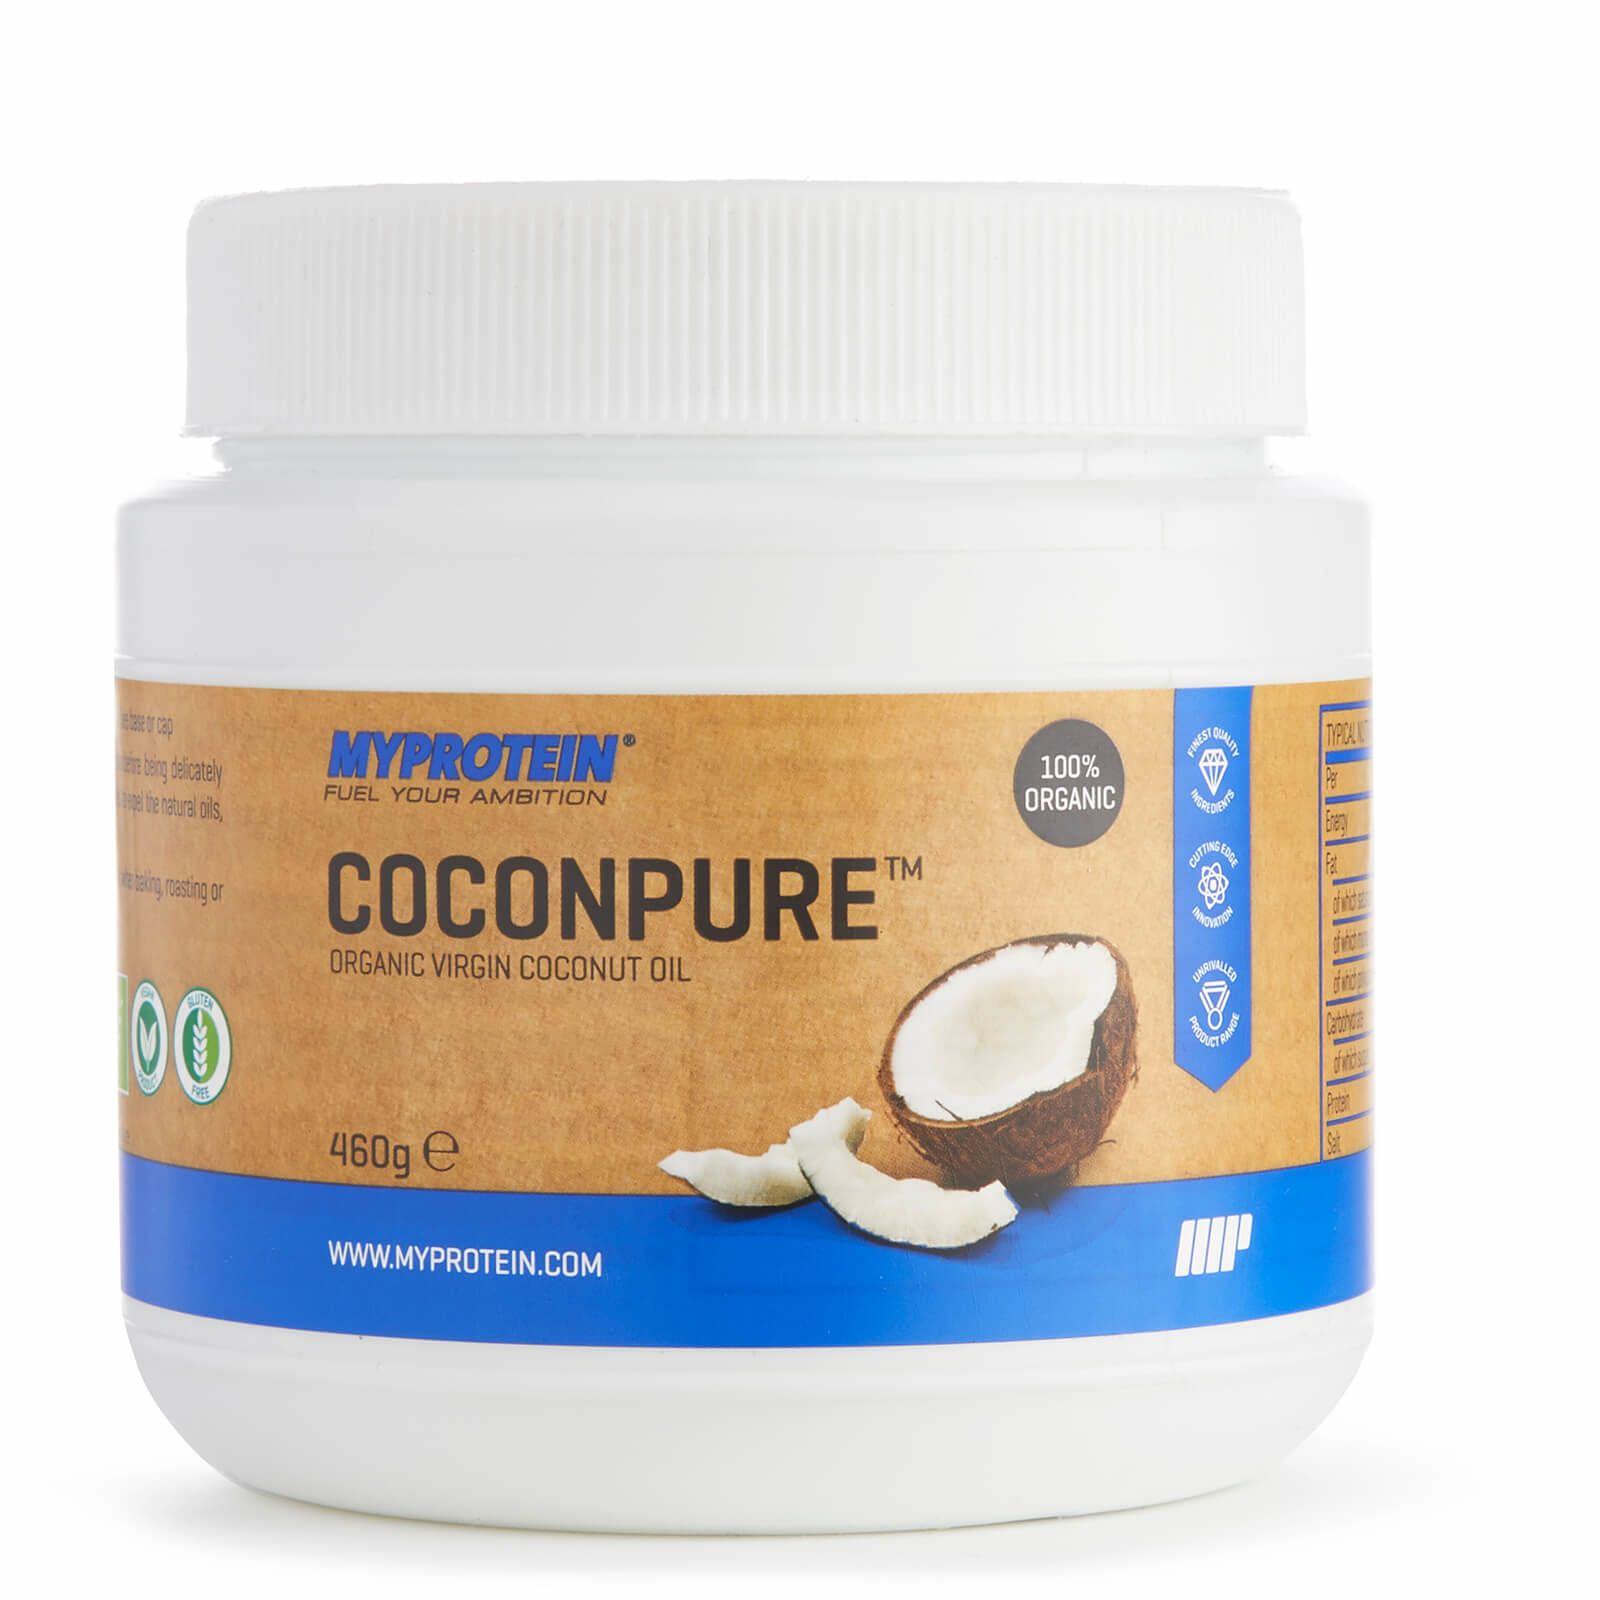 Coconpure Kokosöl bio (460ml)